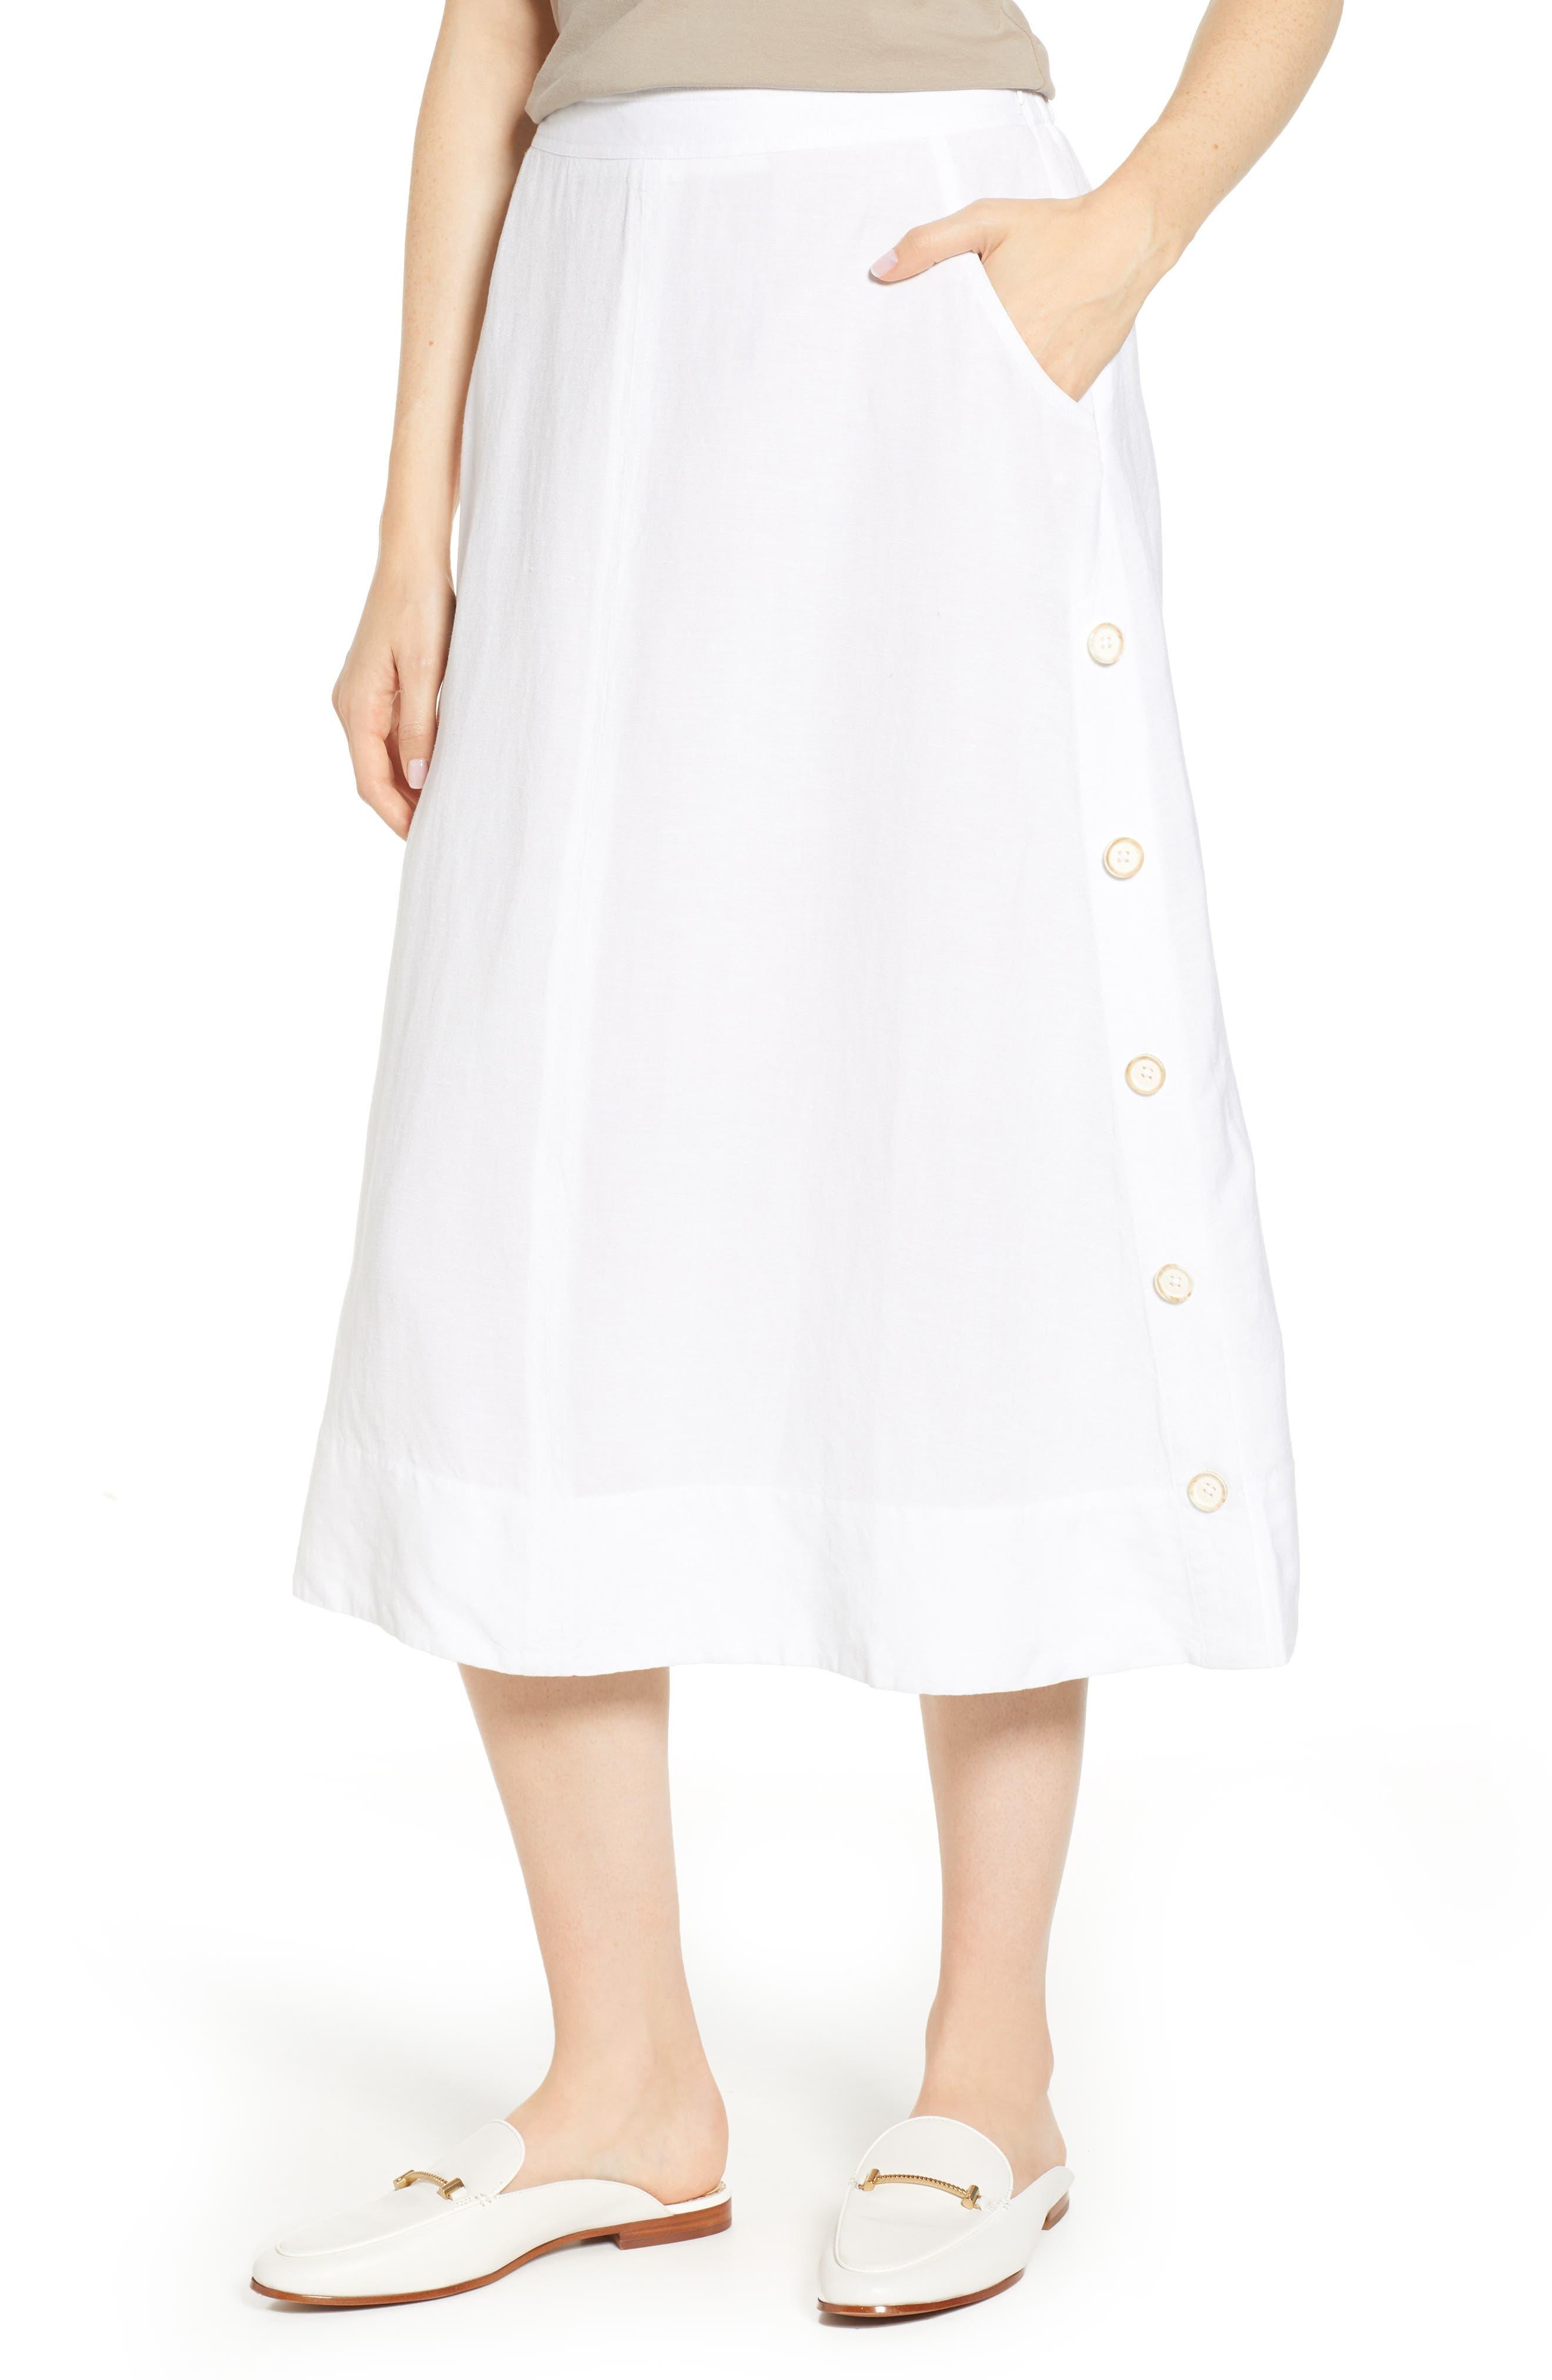 Front Runner Skirt,                             Main thumbnail 1, color,                             PAPER WHITE